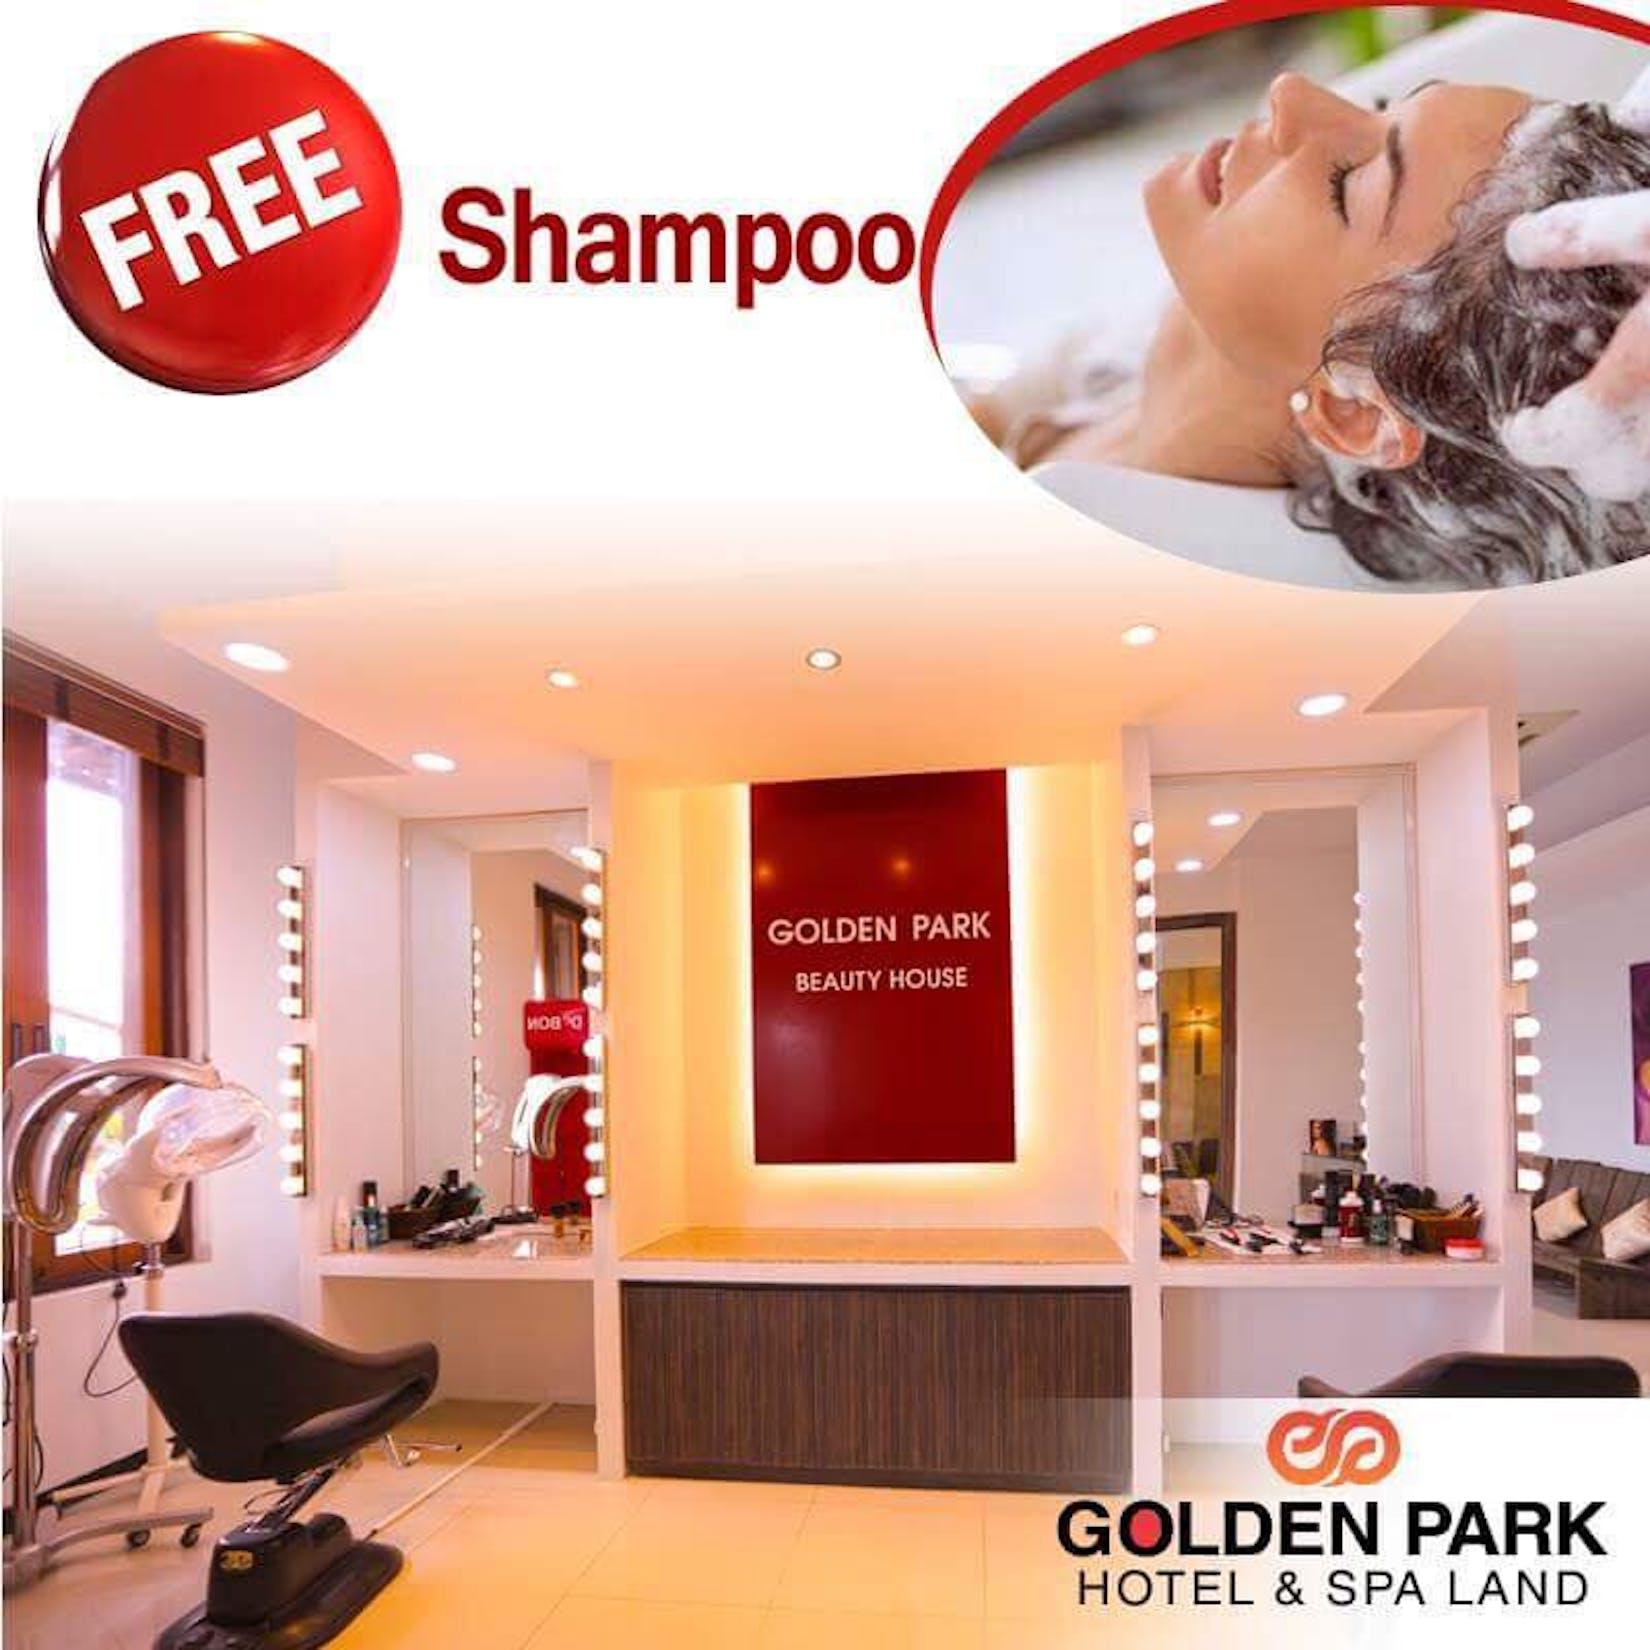 Golden Park Hotel & Spa Land | Beauty